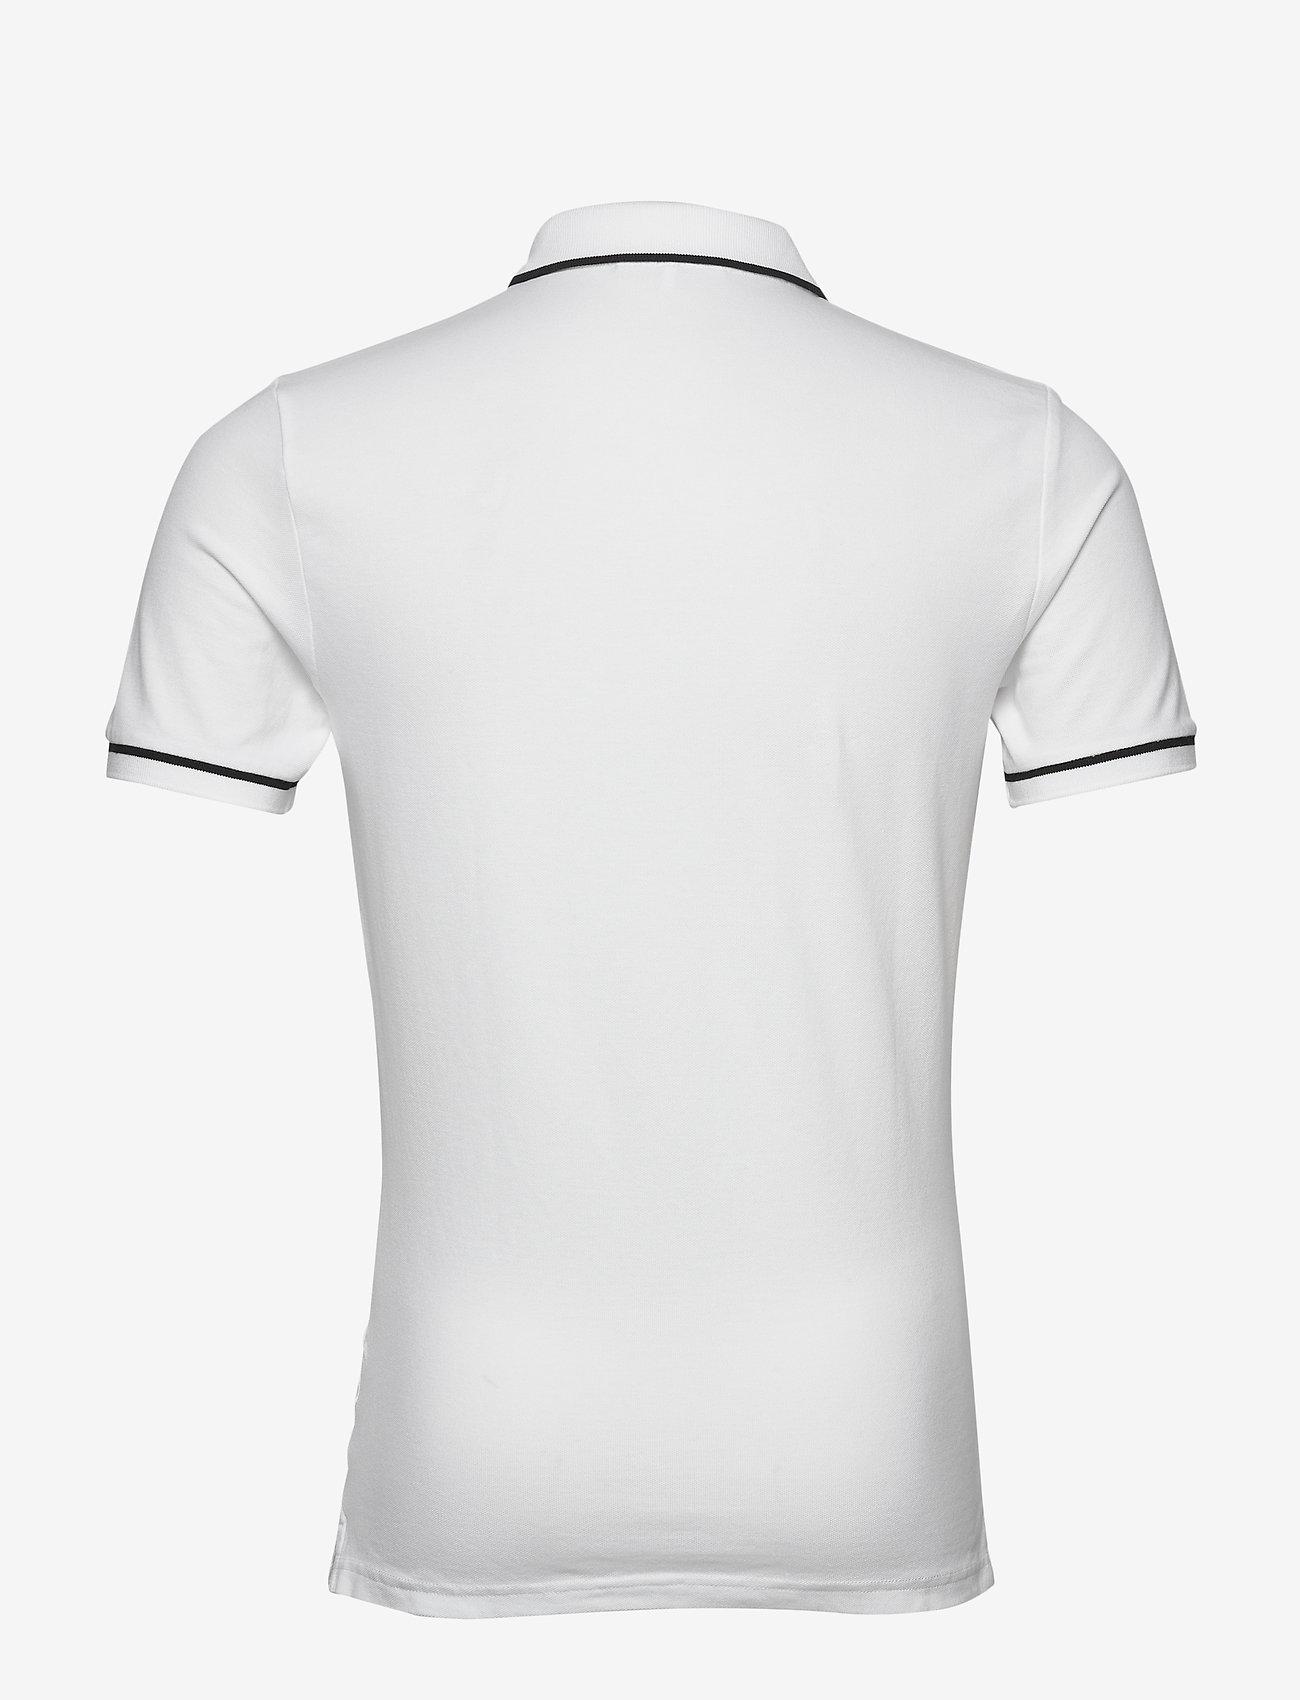 Calvin Klein Jeans - TIPPING SLIM POLO - korte mouwen - bright white - 1